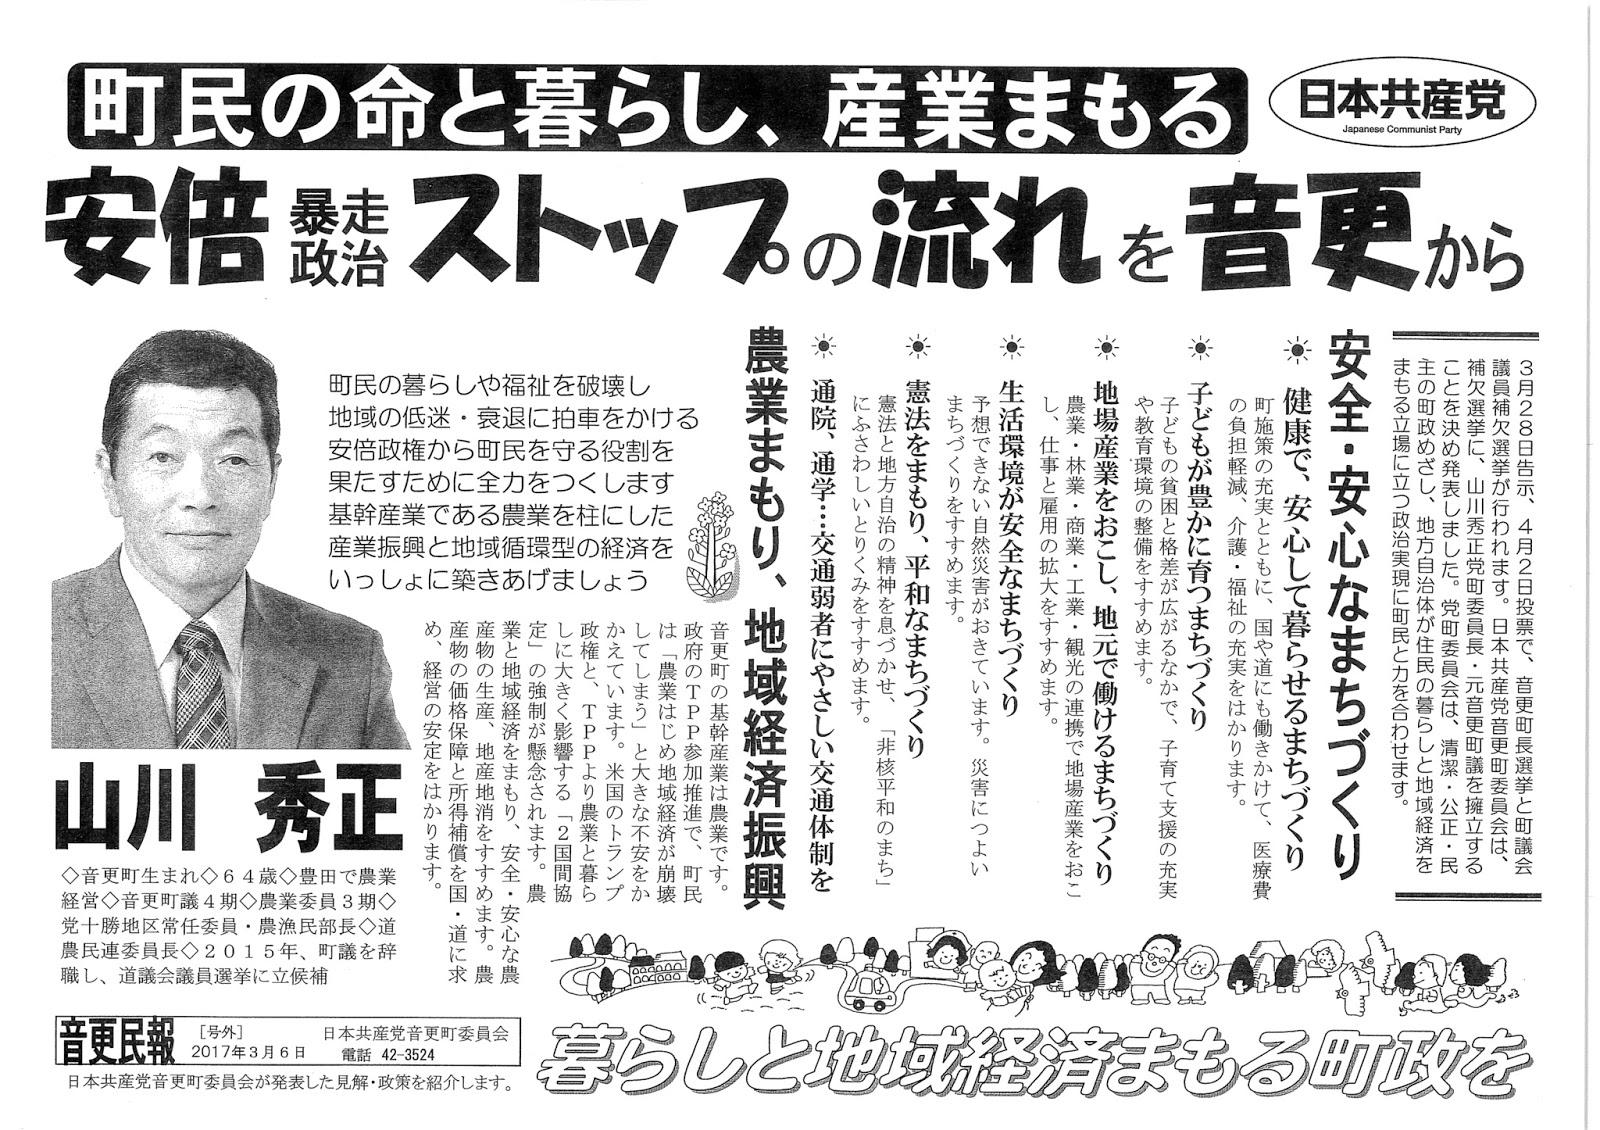 日本共産党十勝地区委員会 - 公...